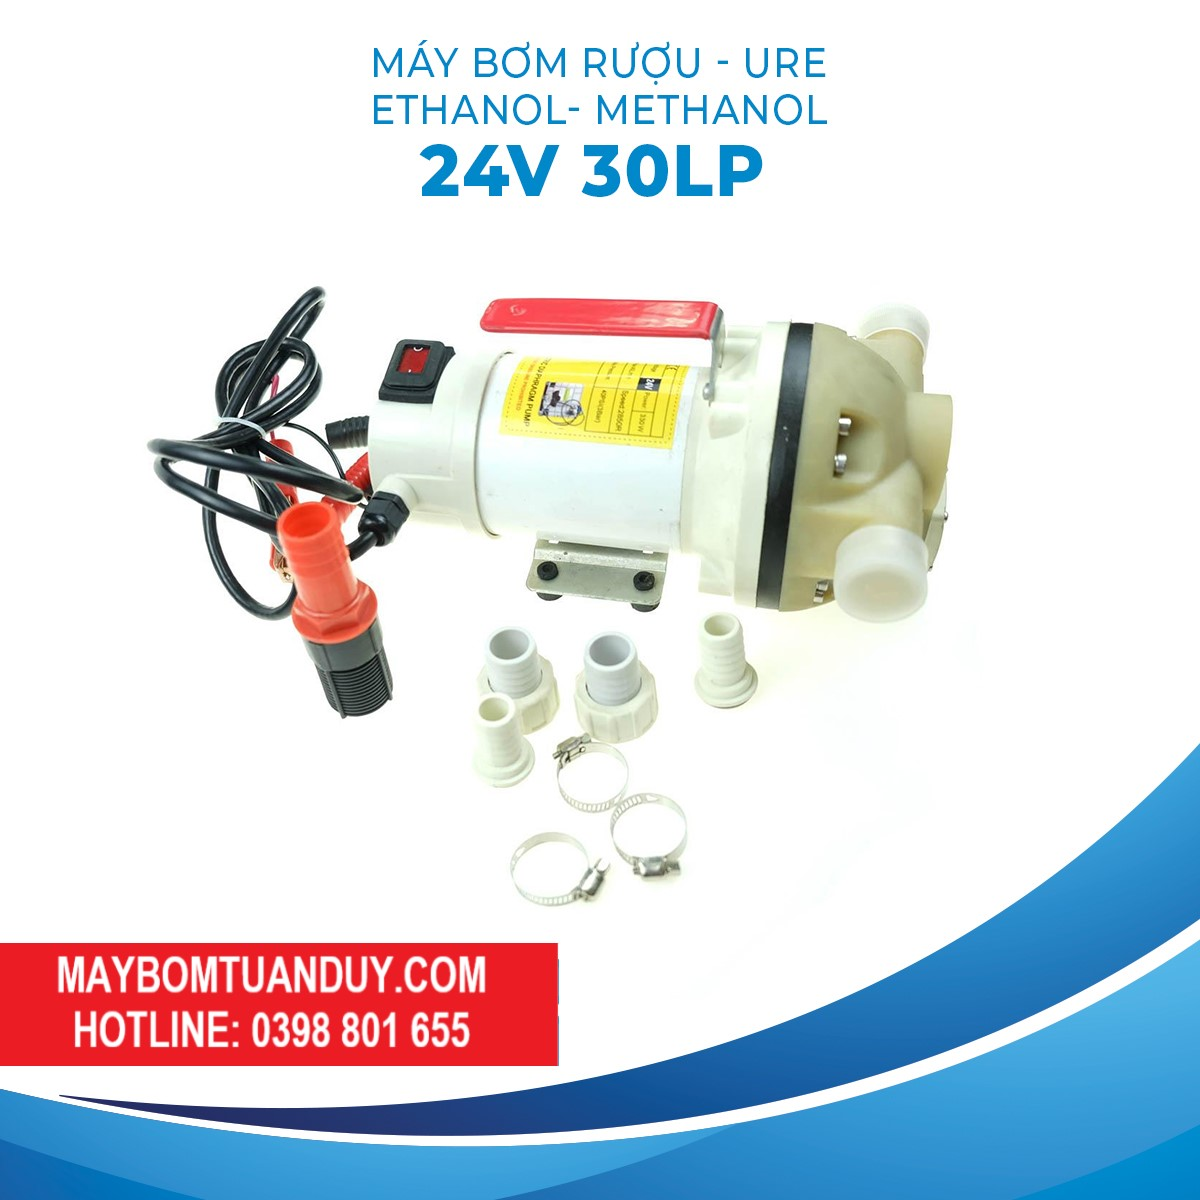 Máy Bơm Rượu-Ethanol-Methanol-Ure 24V 30LP